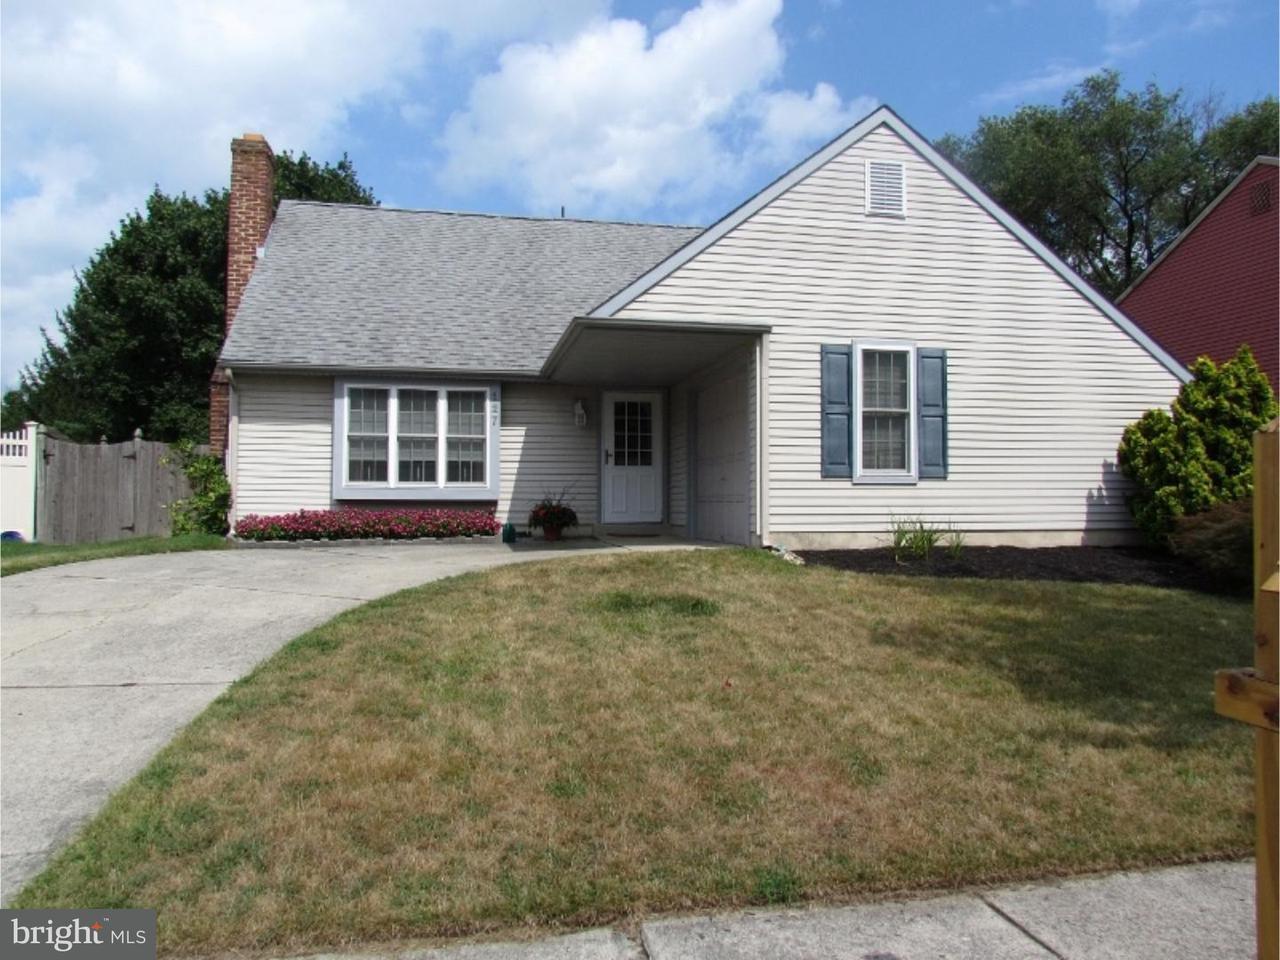 Частный односемейный дом для того Продажа на 127 HEIDI Lane Logan Township, Нью-Джерси 08085 Соединенные Штаты